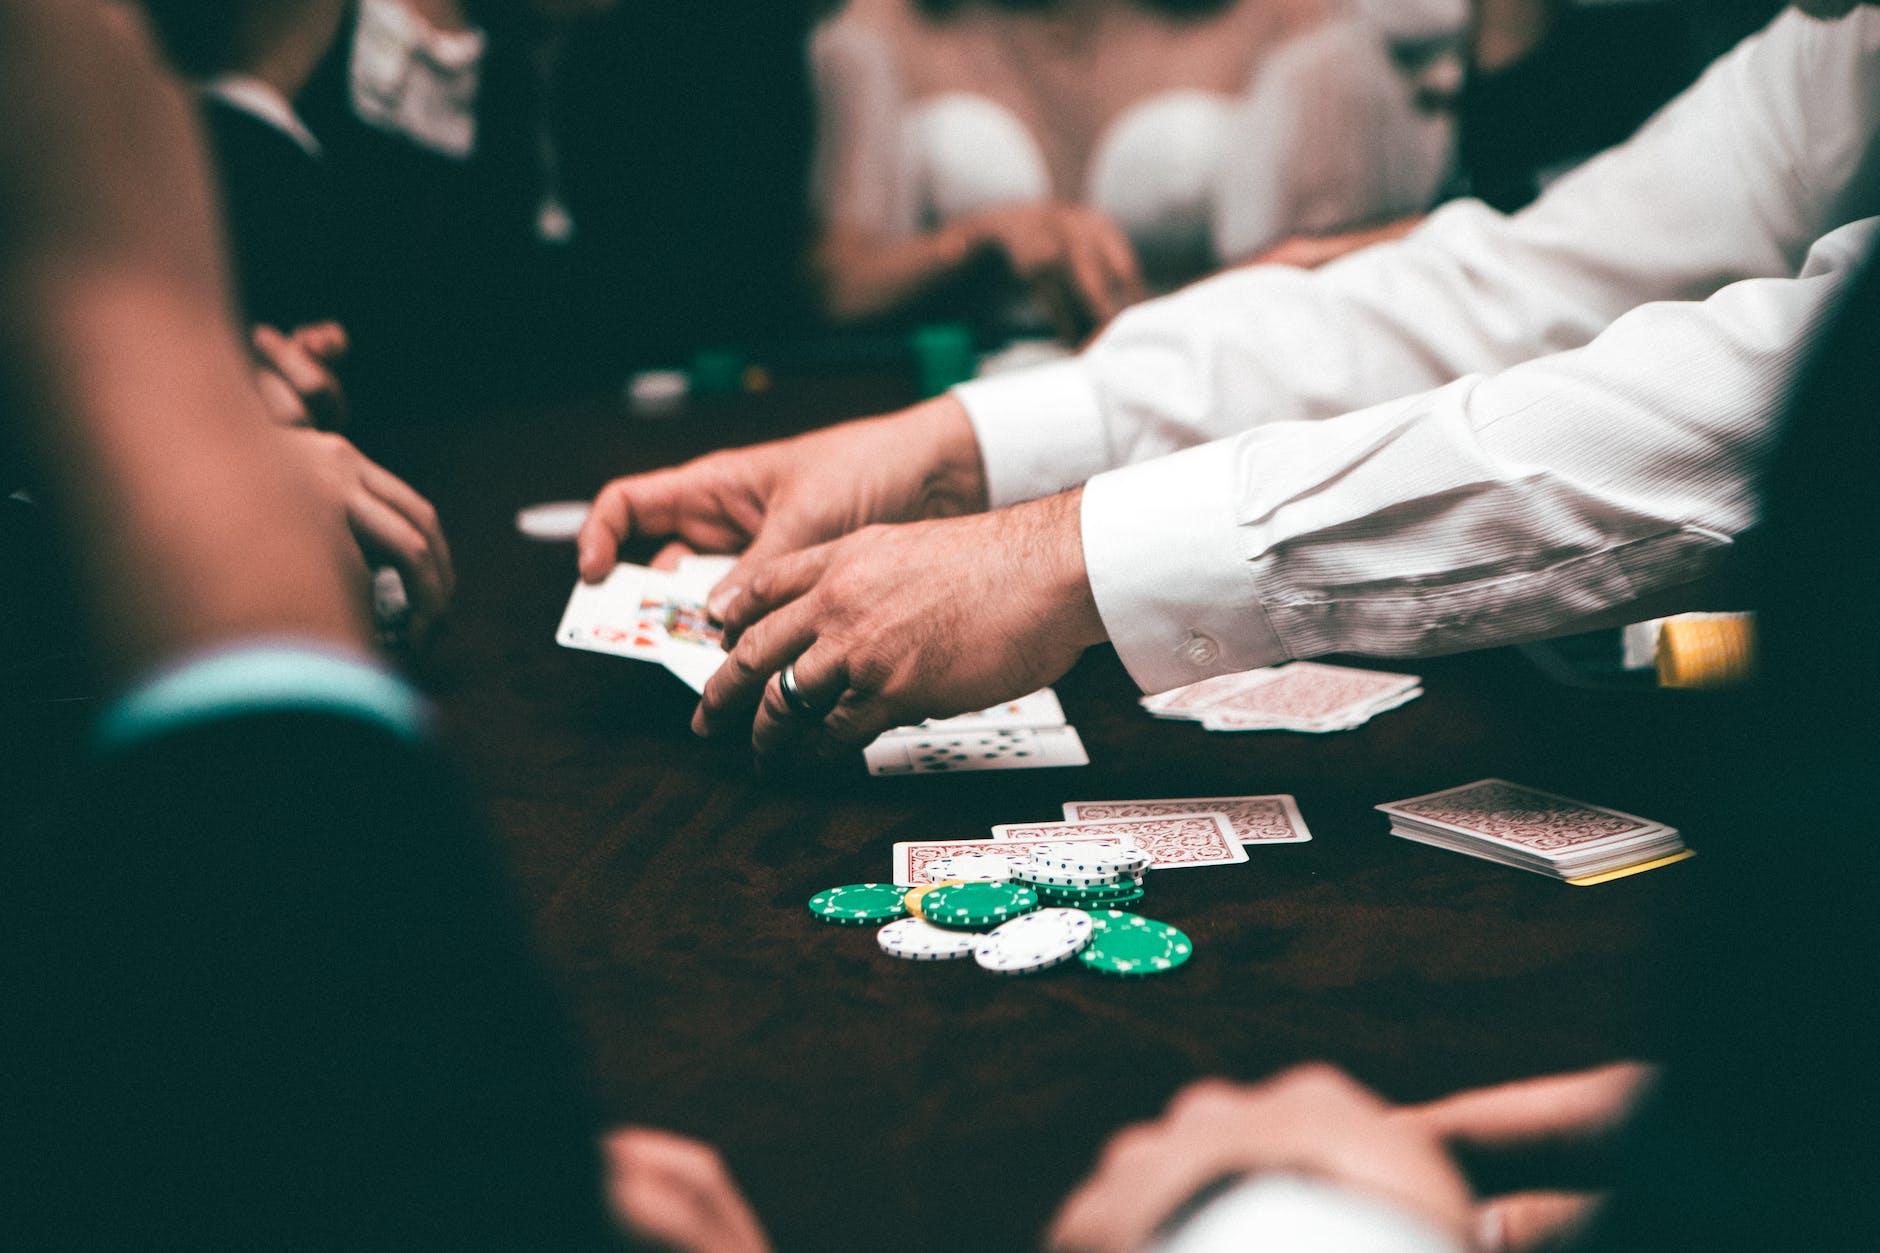 Een pokerspel dat wordt gedeeld